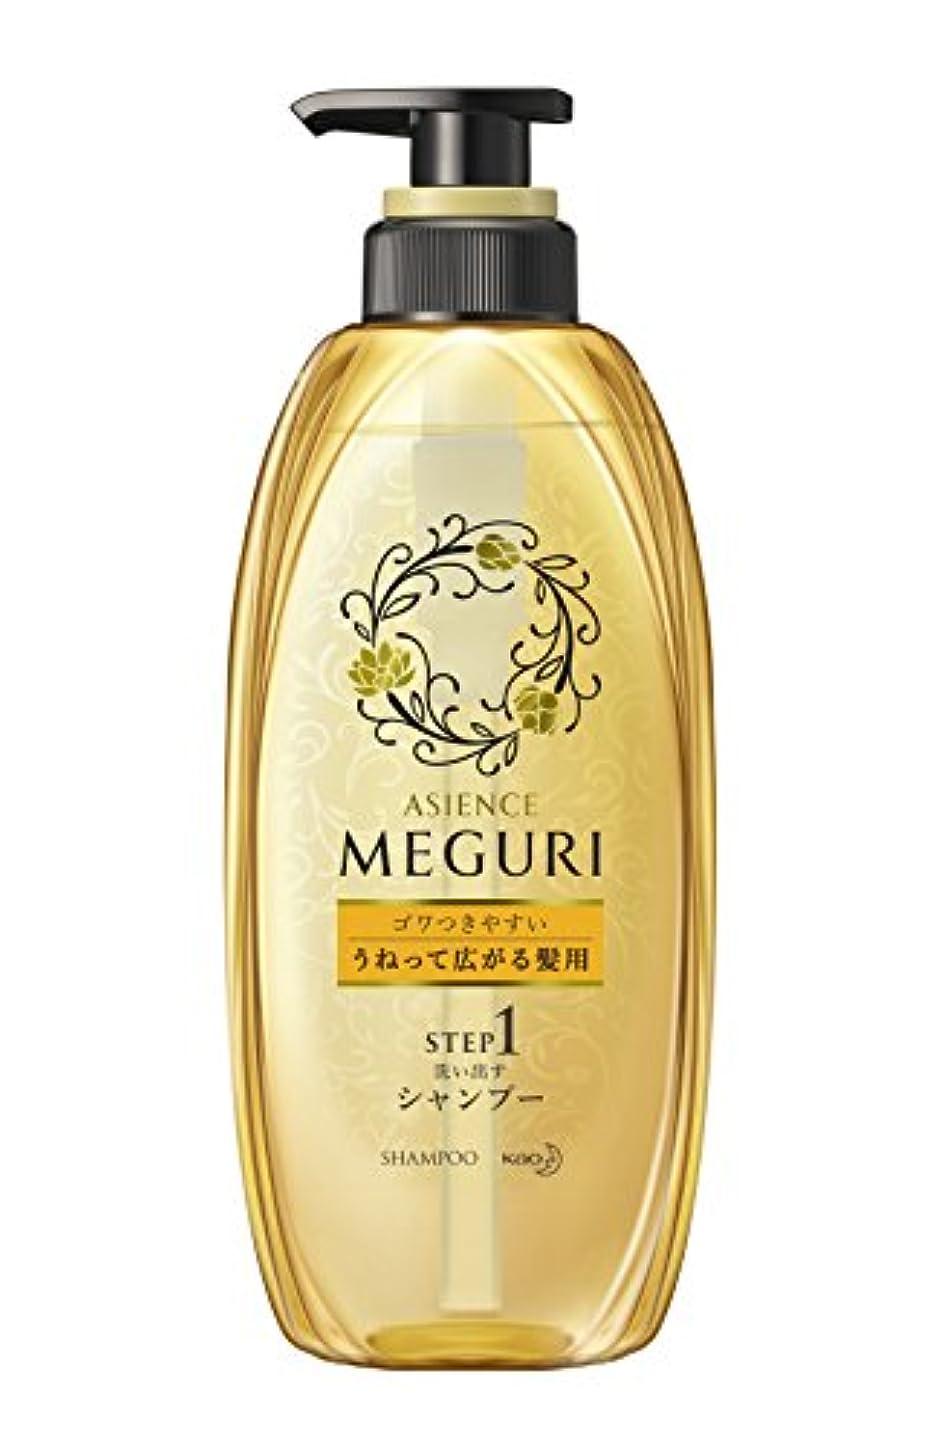 形状ベスビオ山ひそかにアジエンスMEGURI 洗い出すシャンプー ゴワつきやすい うねって広がる髪用 本体